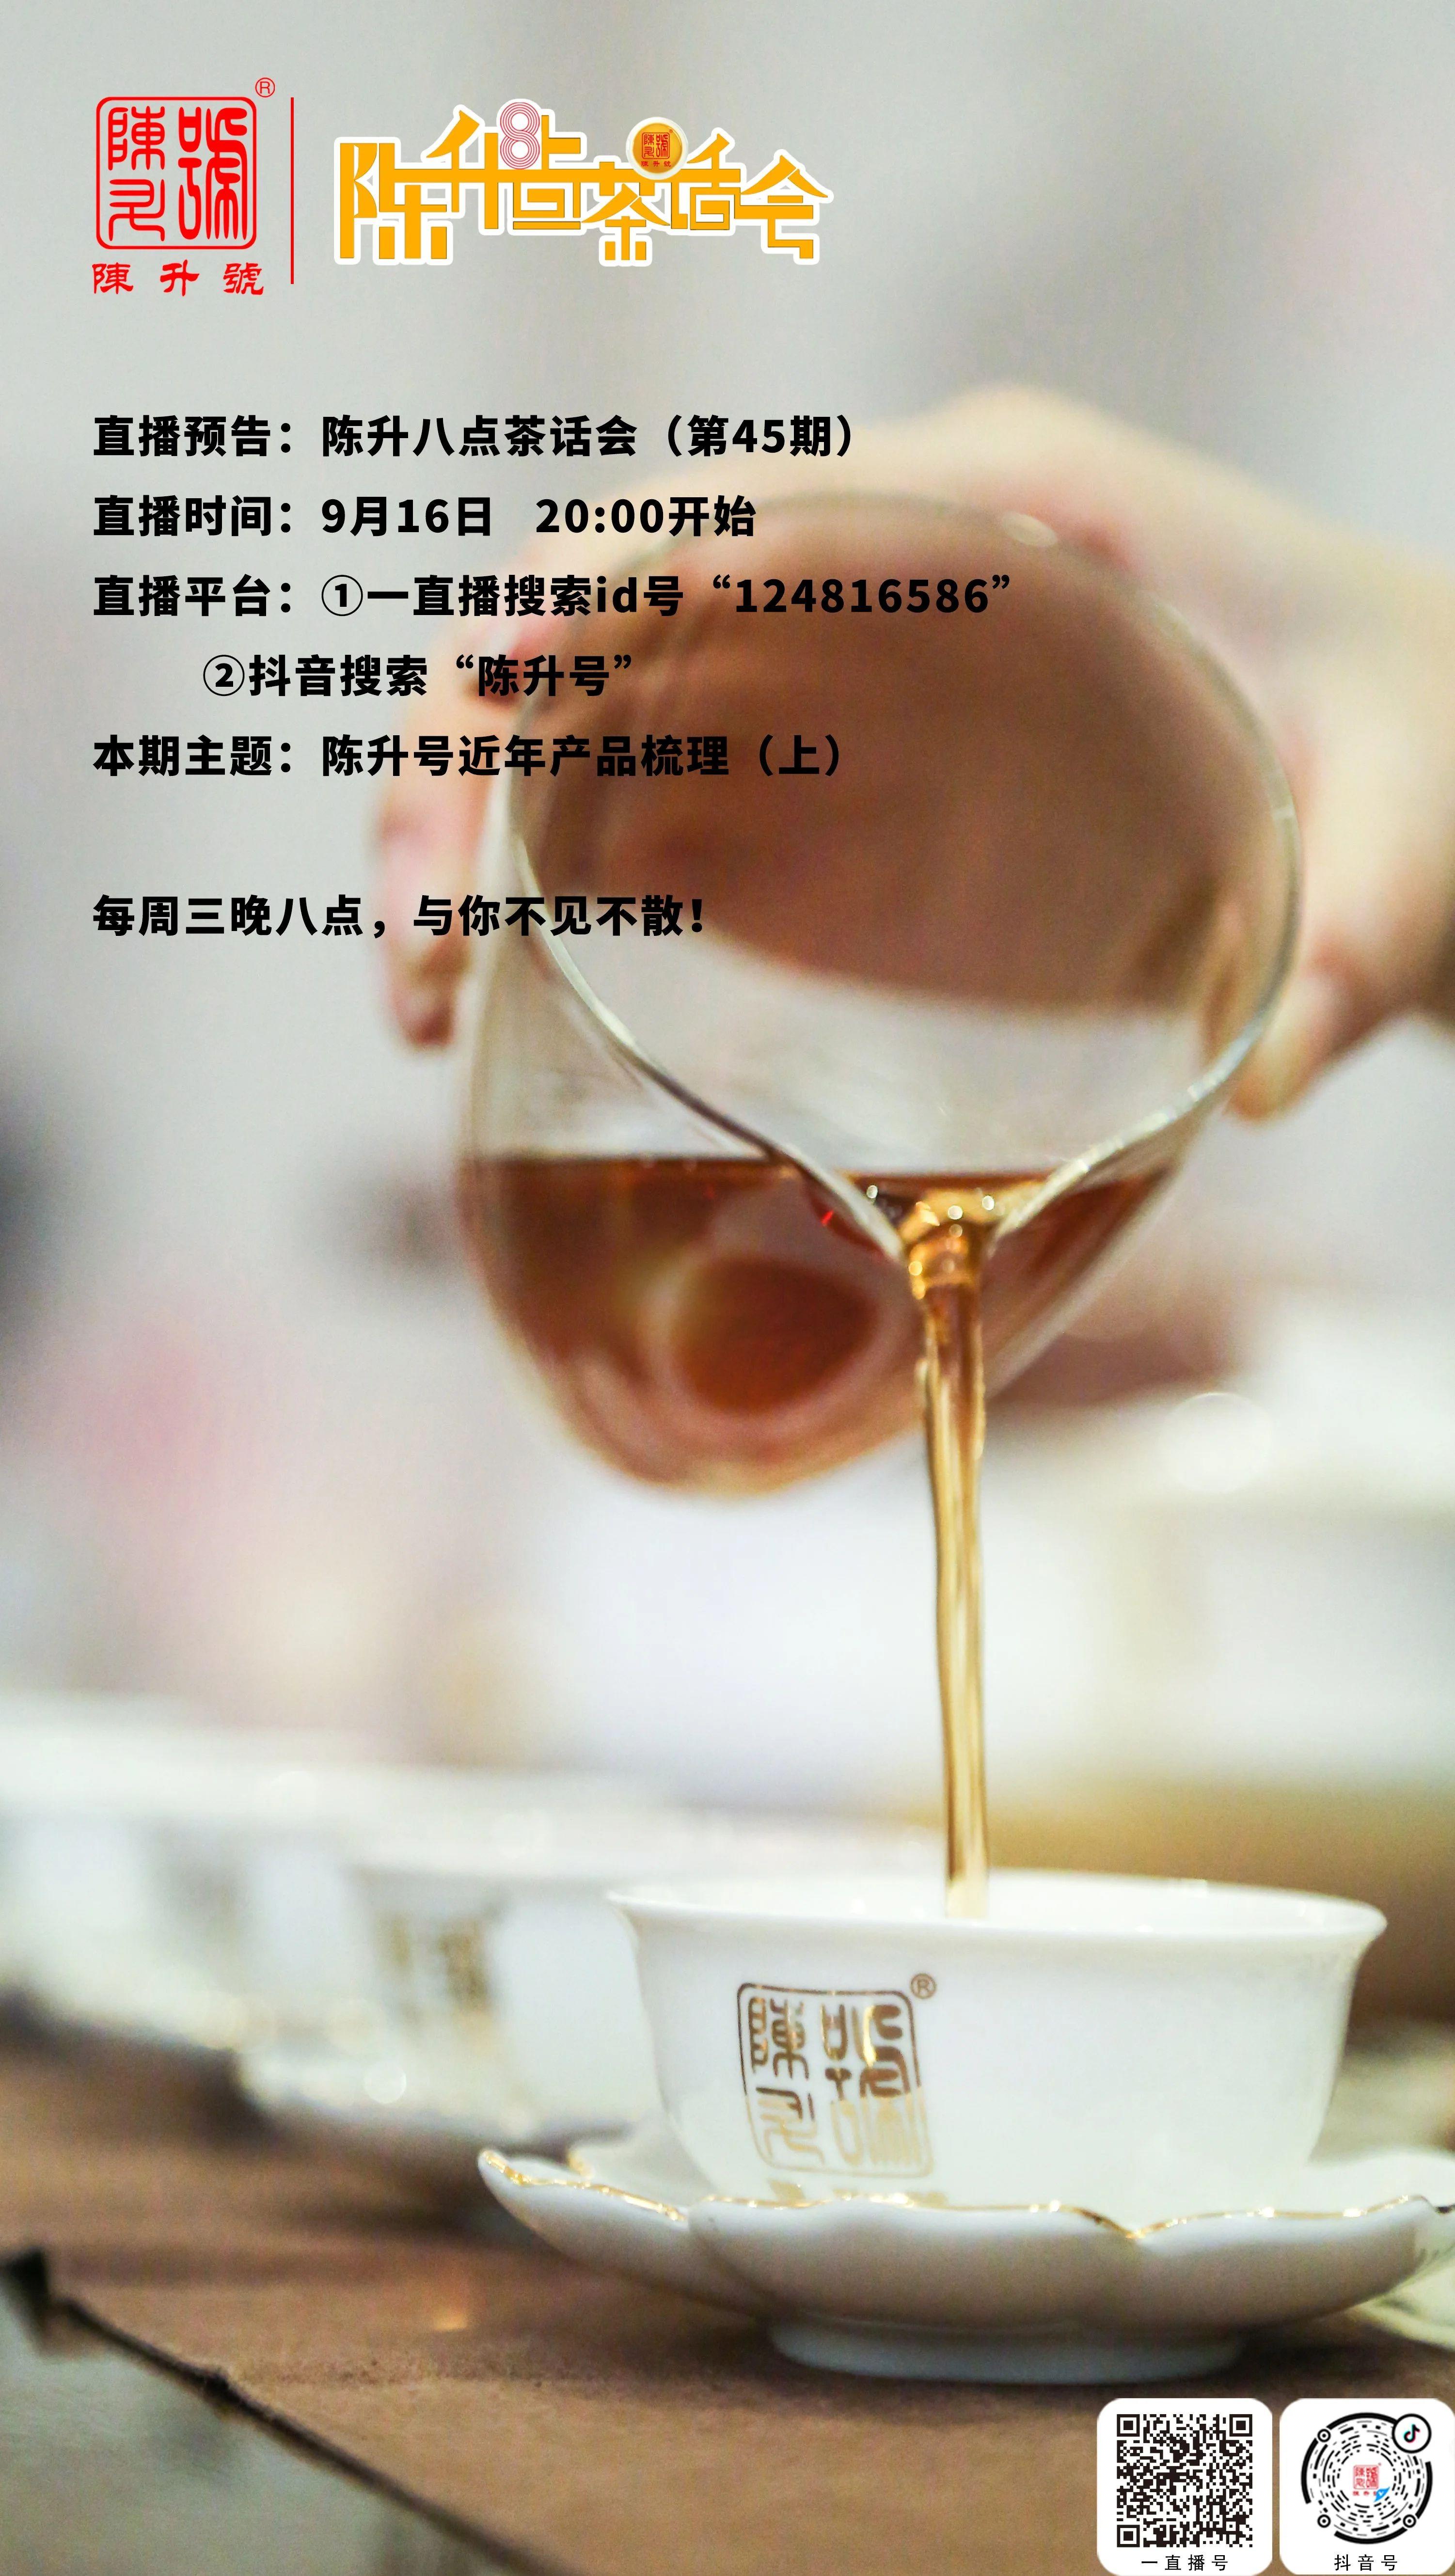 陈升号直播预告:陈升八点茶话会(第45期)